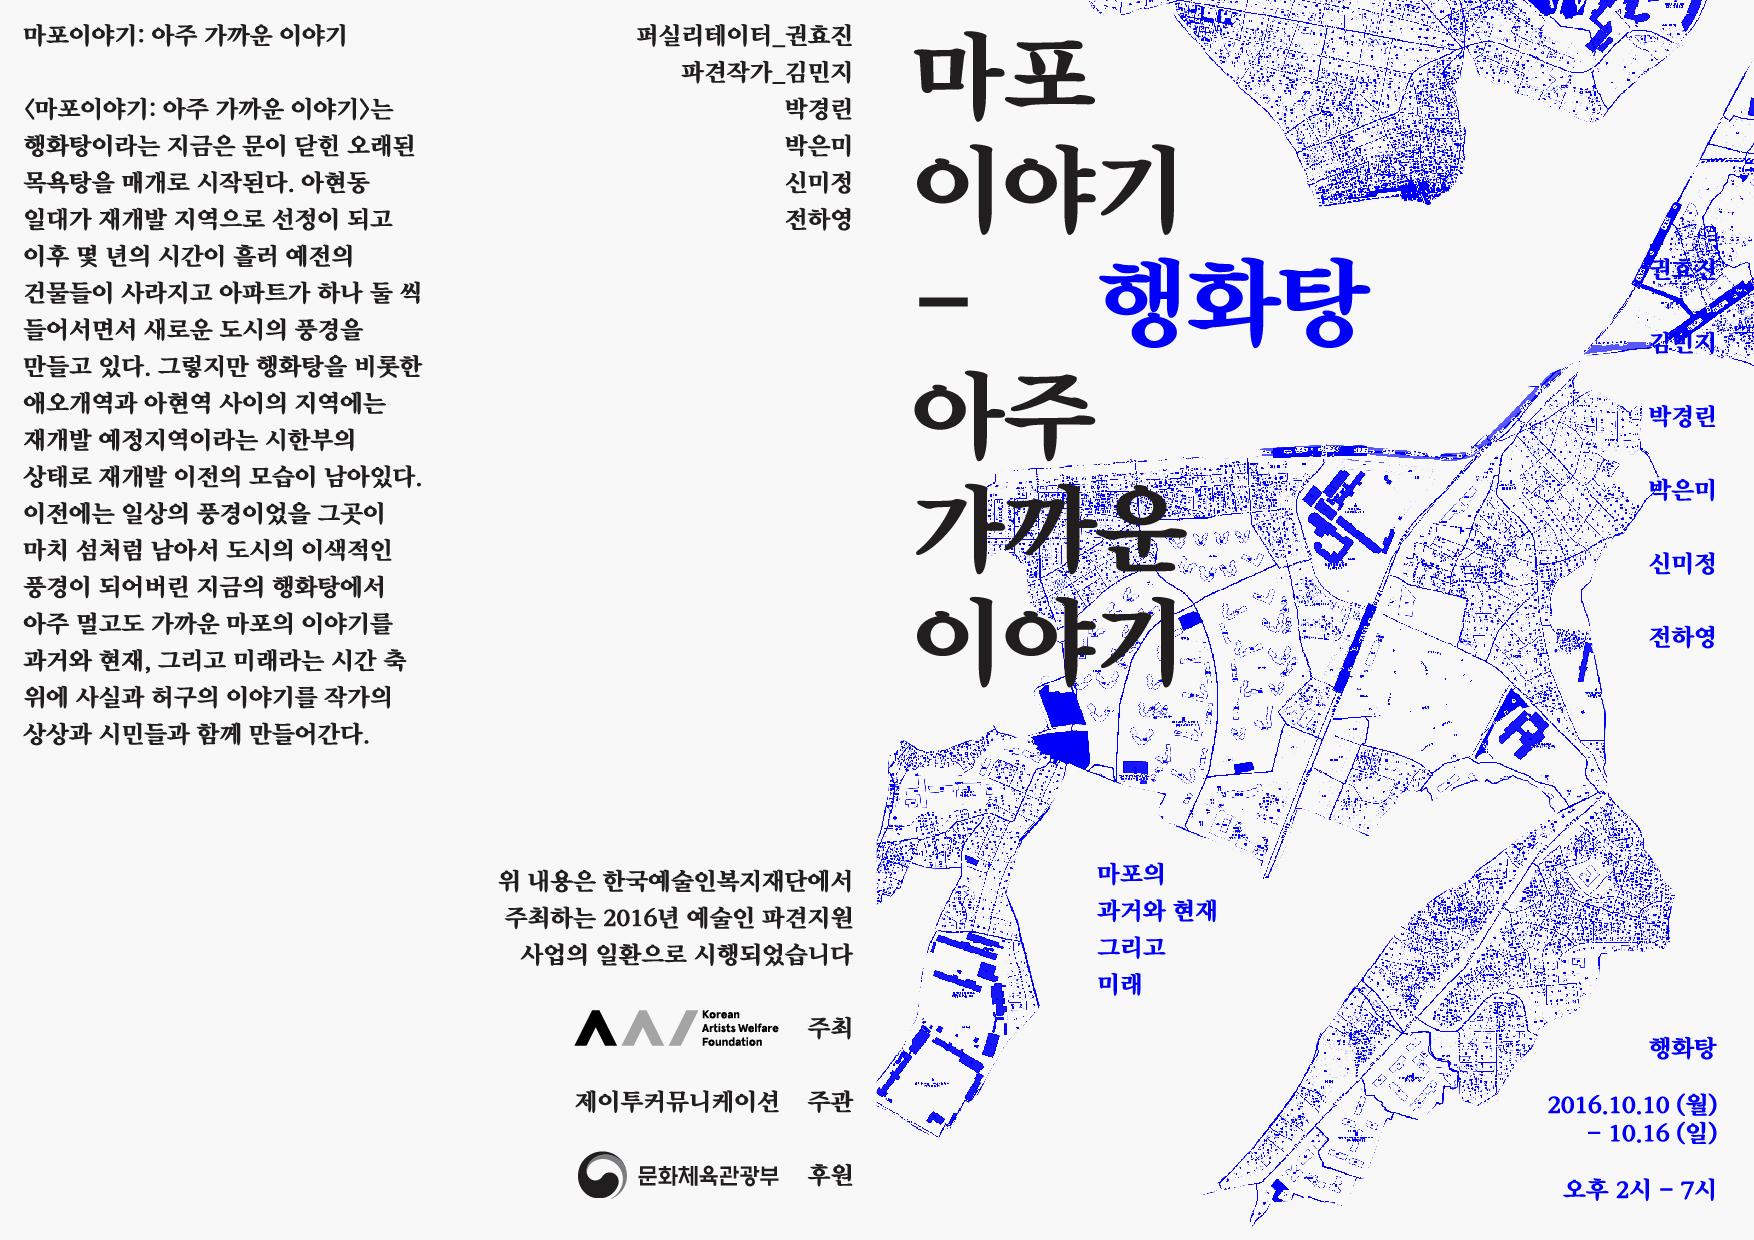 마포이야기-아주가까운이야기_리플렛 2종 (참고용 파일)-01